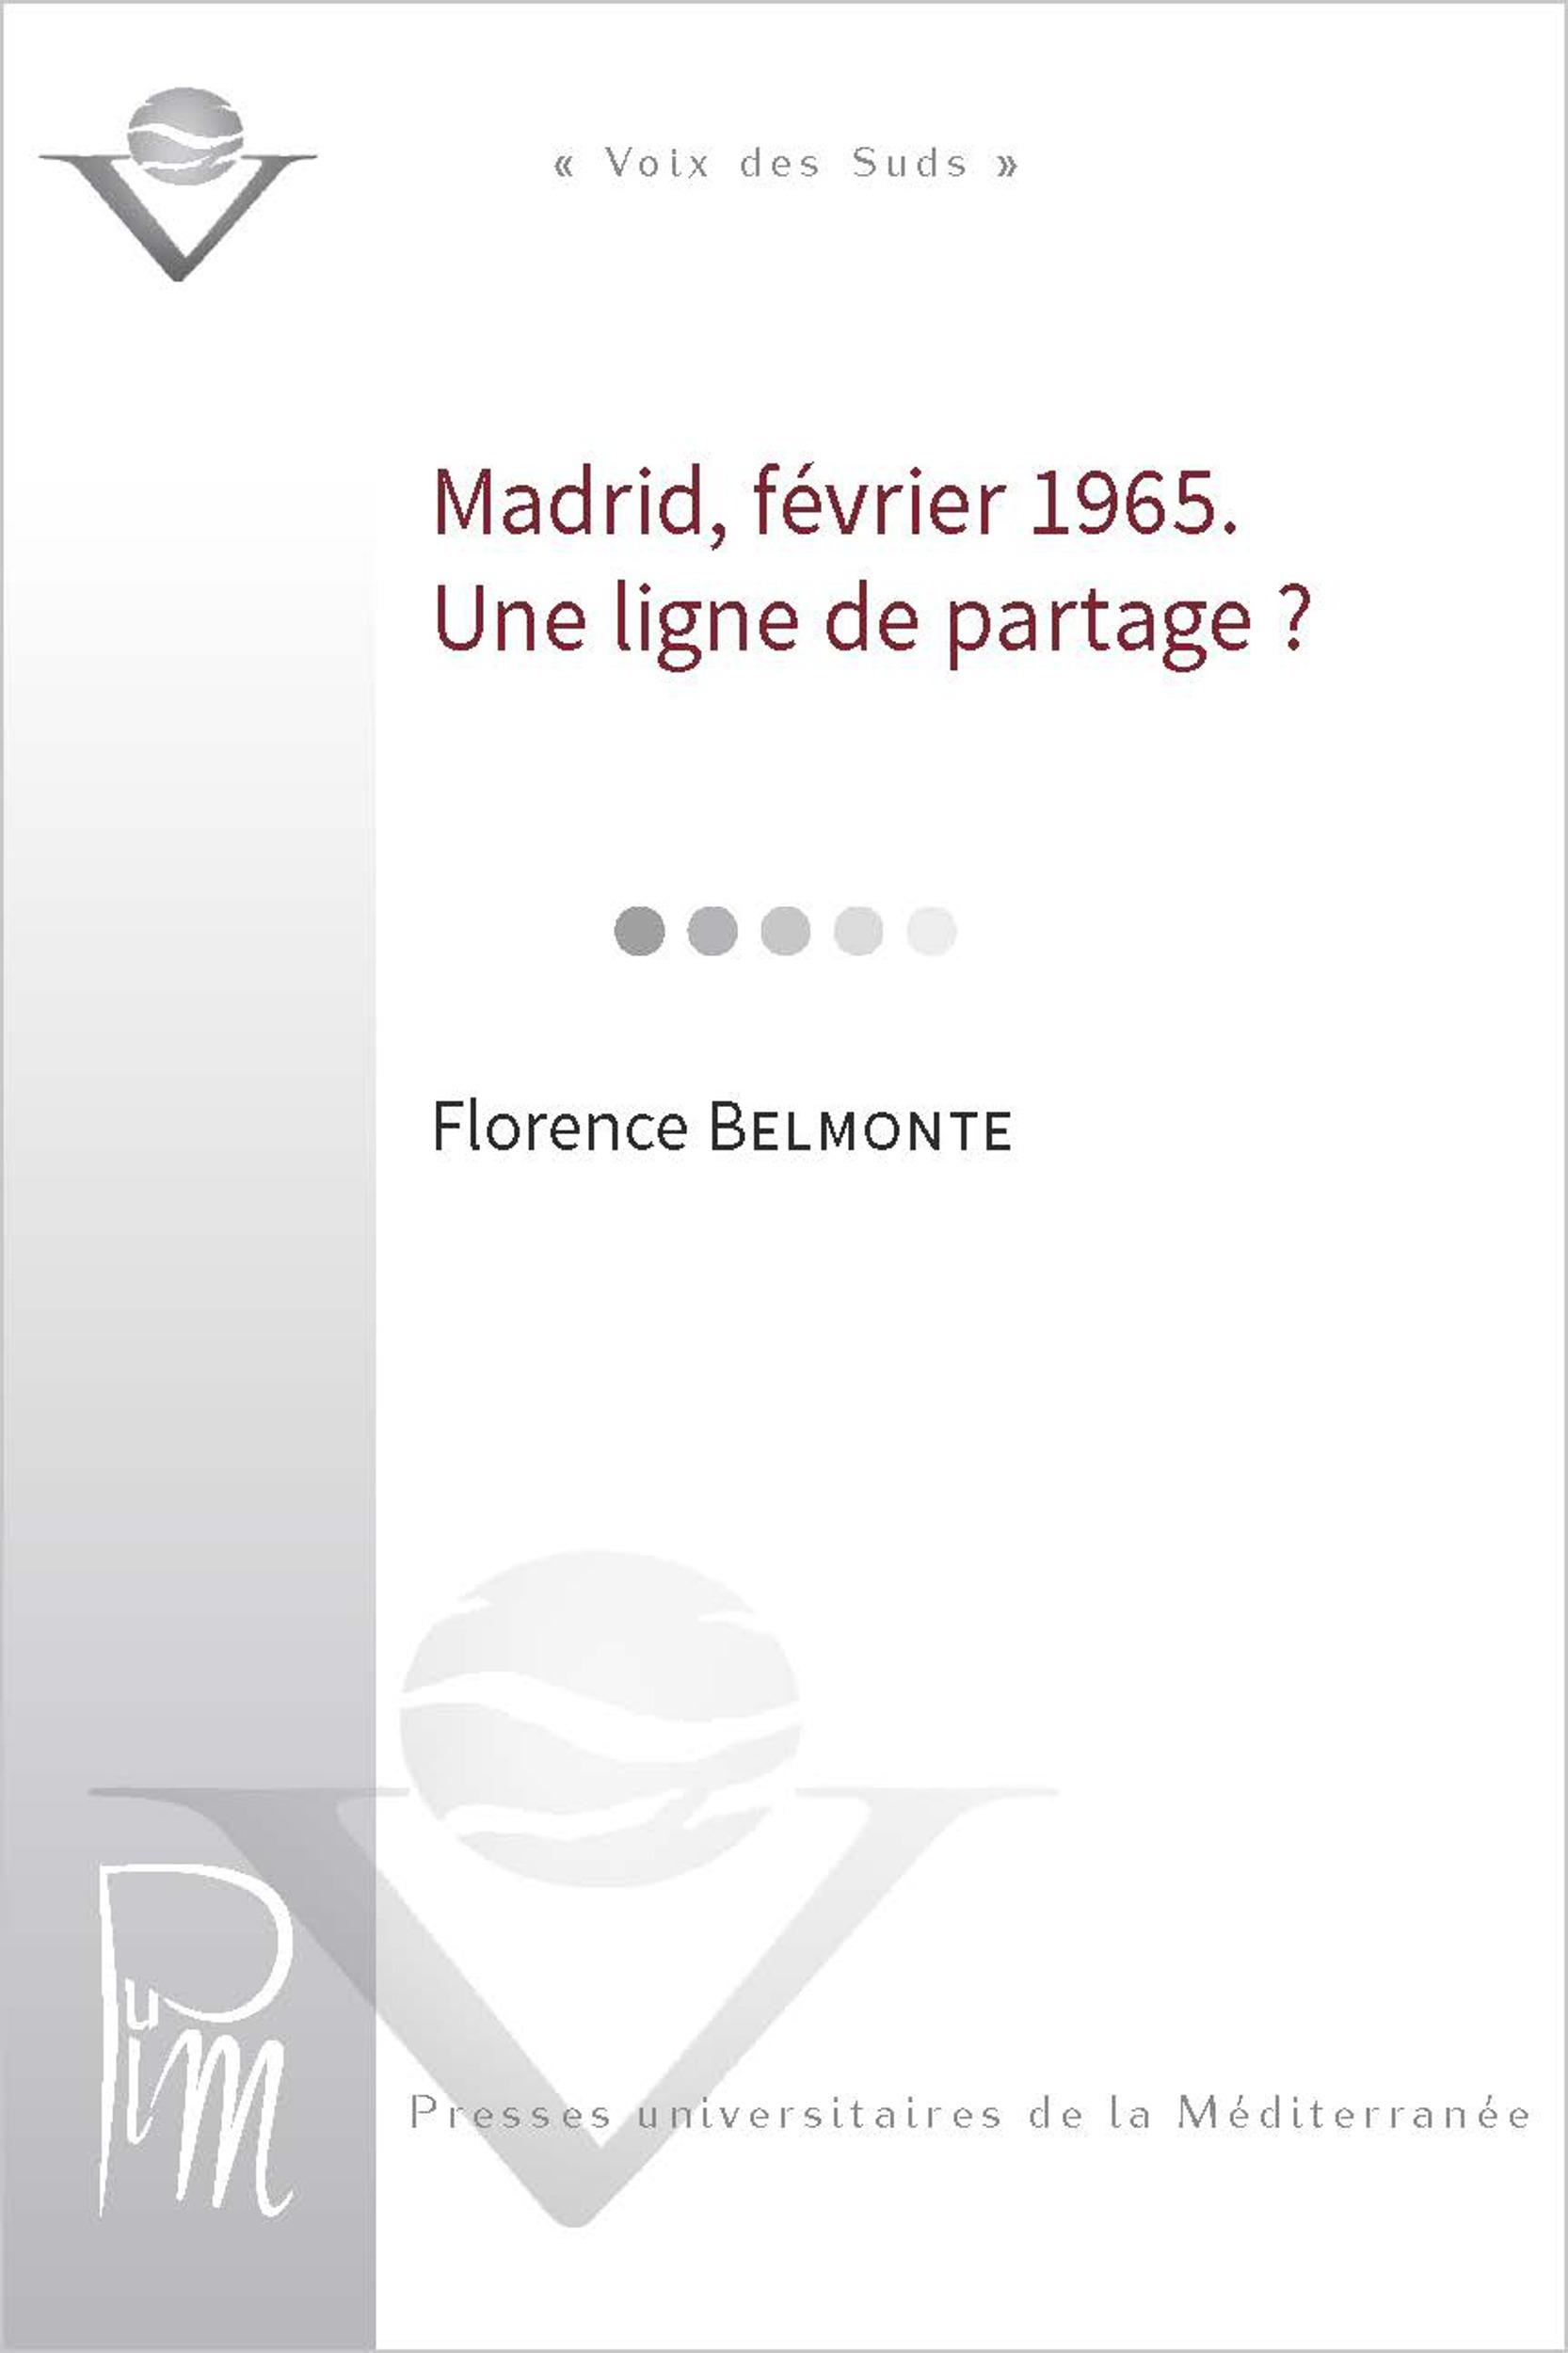 Madrid, fevrier 1965  - une ligne de partage ?